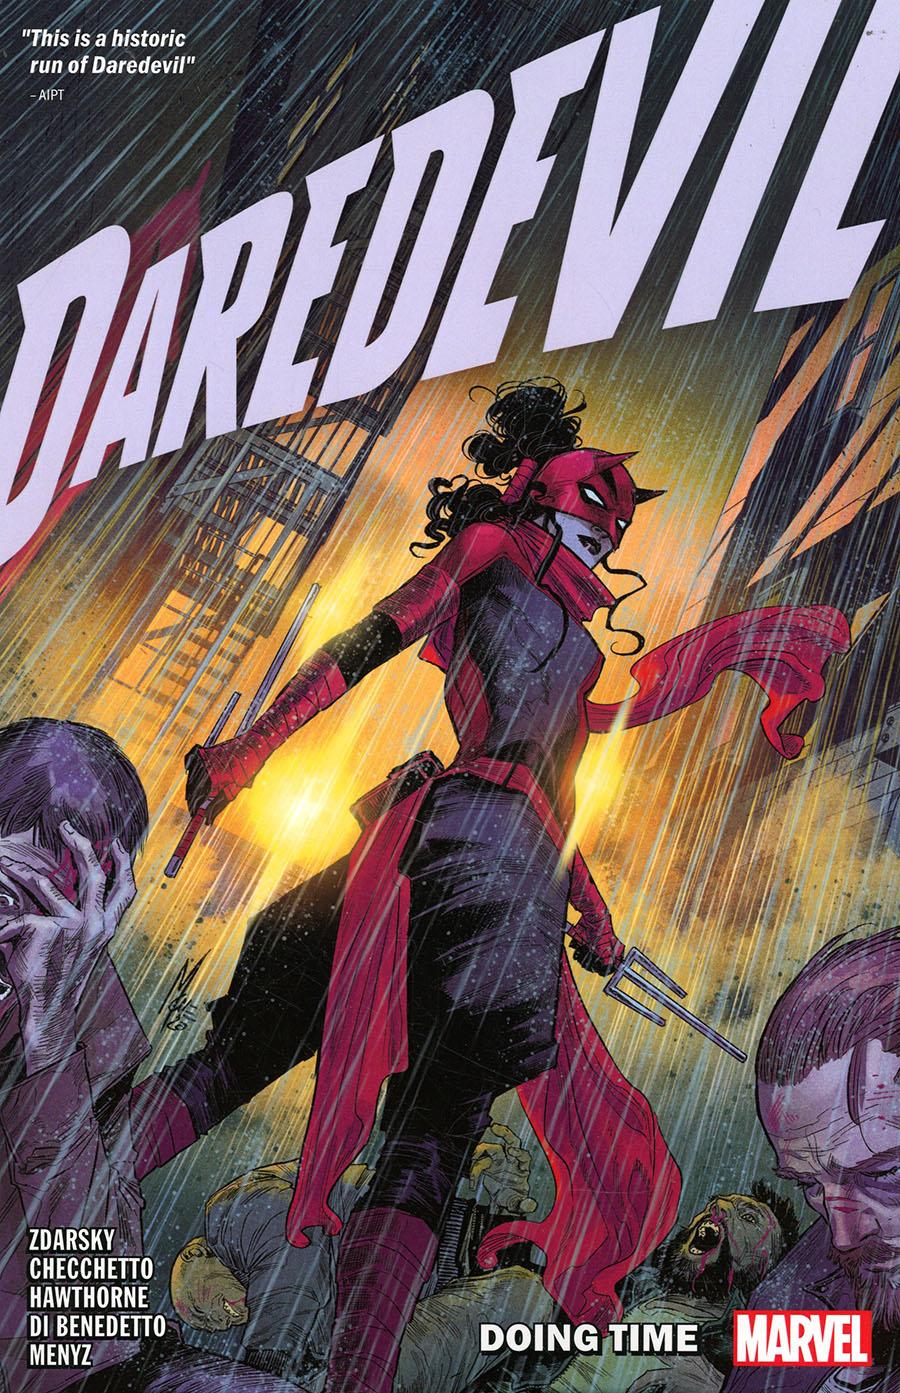 Daredevil By Chip Zdarsky Vol 6 Doing Time TP